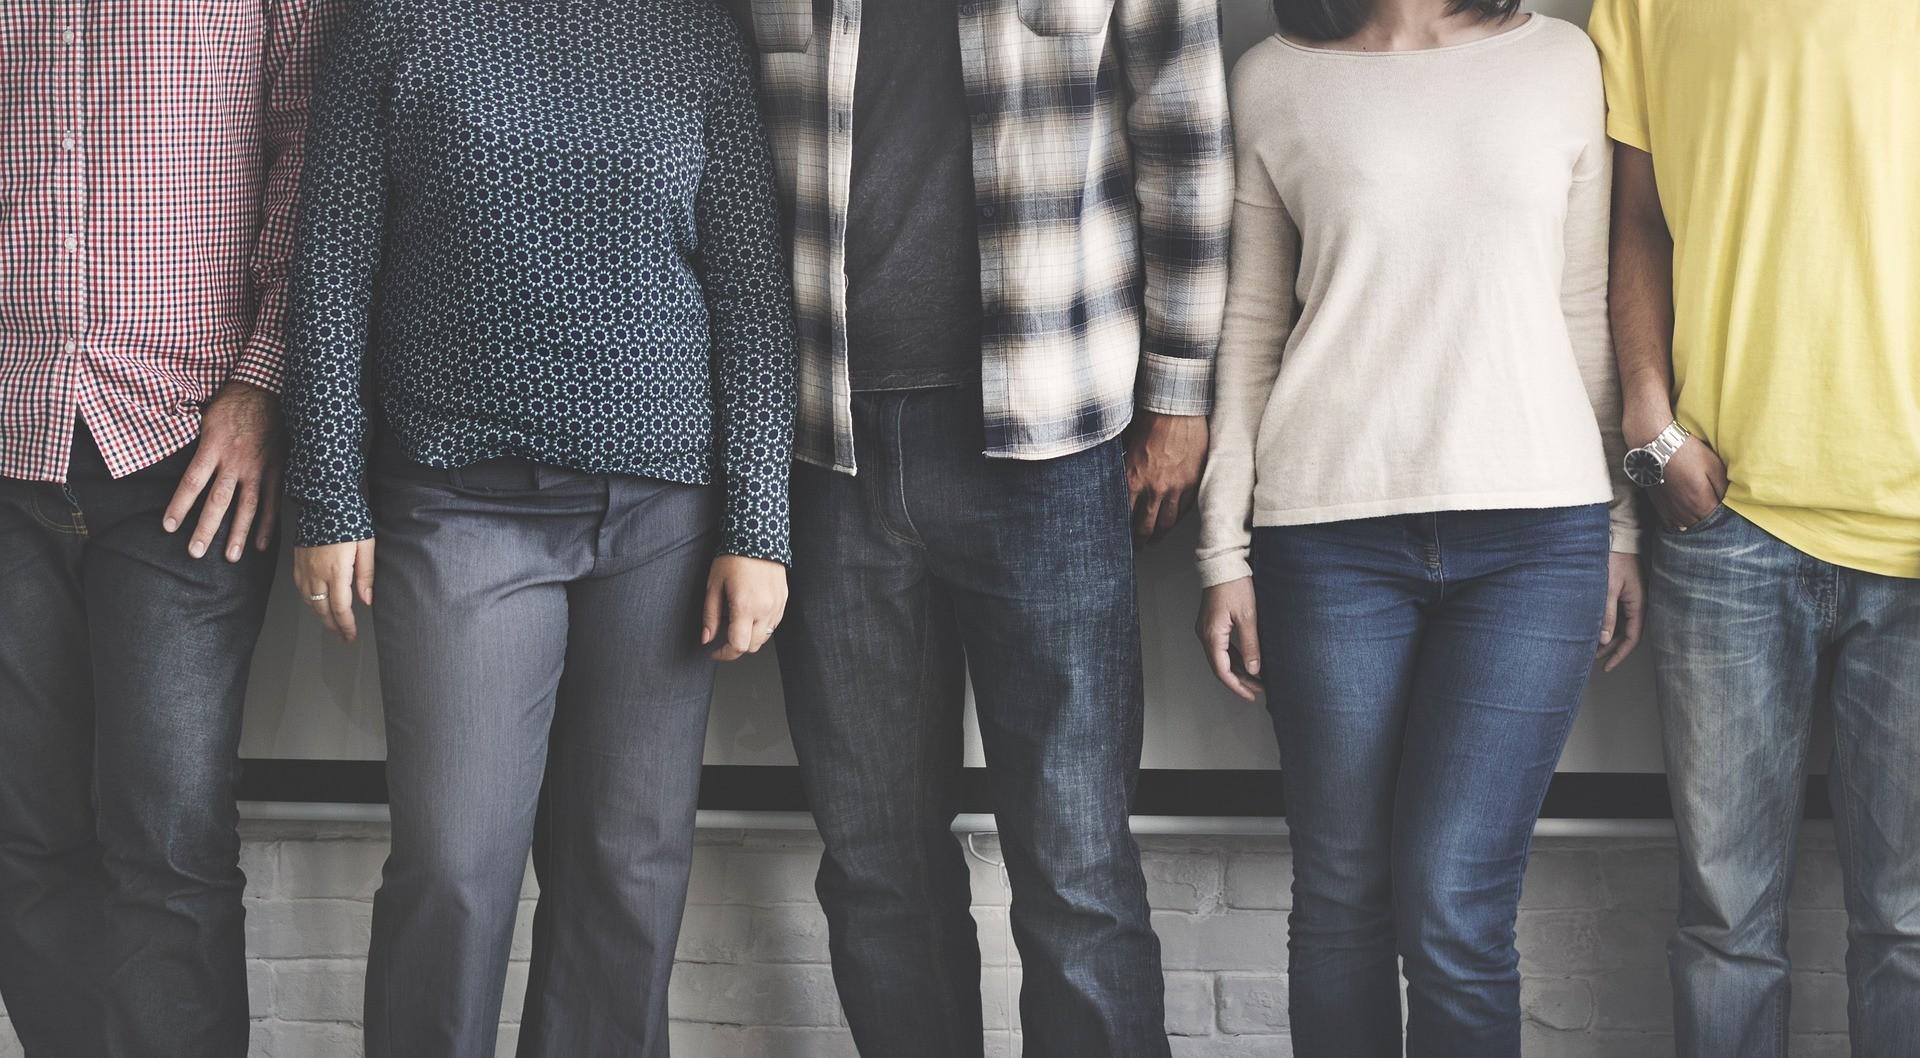 Полигамия и моногамия в отношениях: в чем истина?